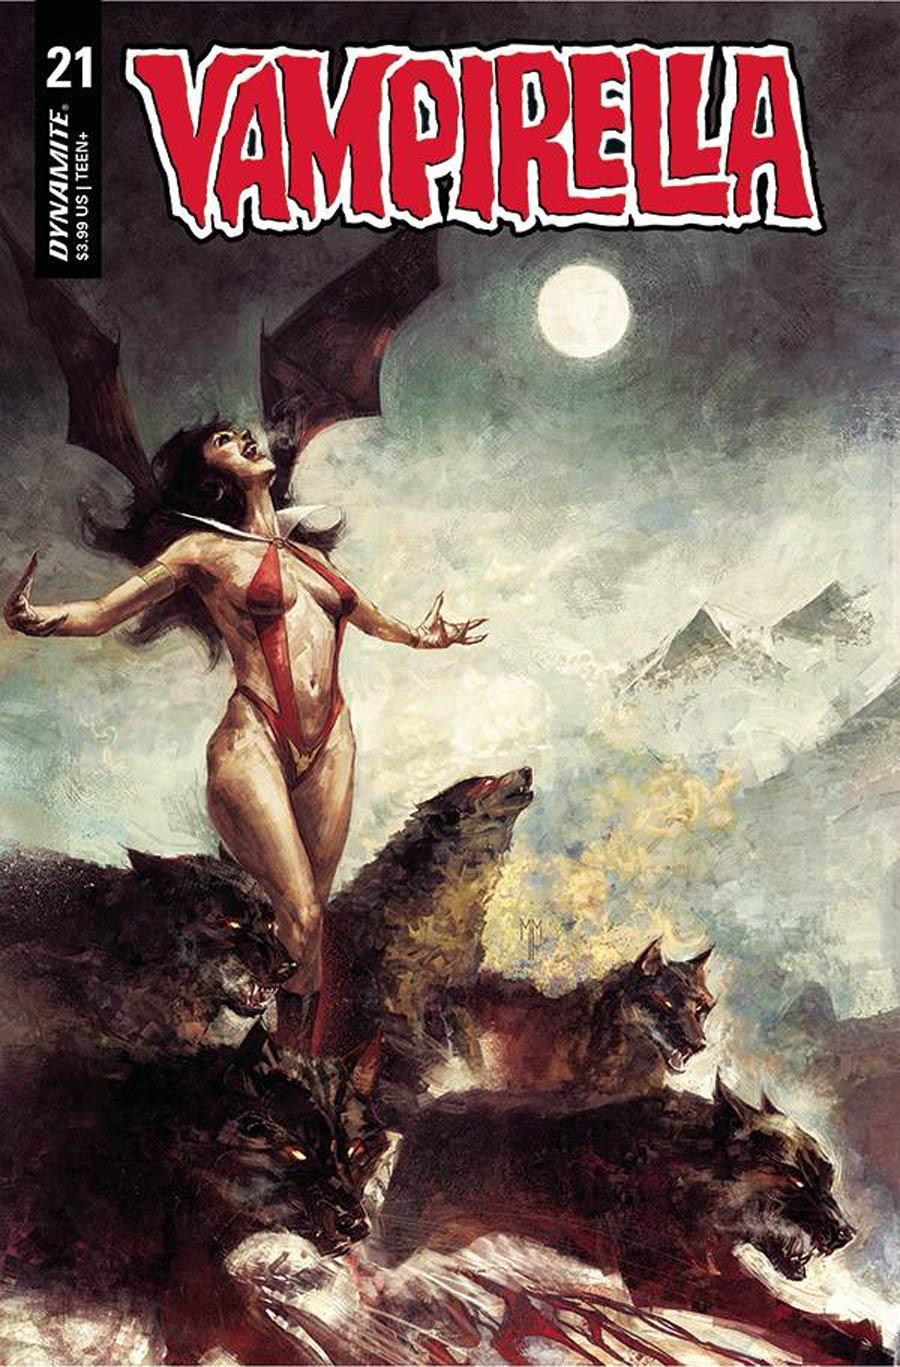 Vampirella Vol 8 #21 Cover B Variant Marco Mastrazzo Cover